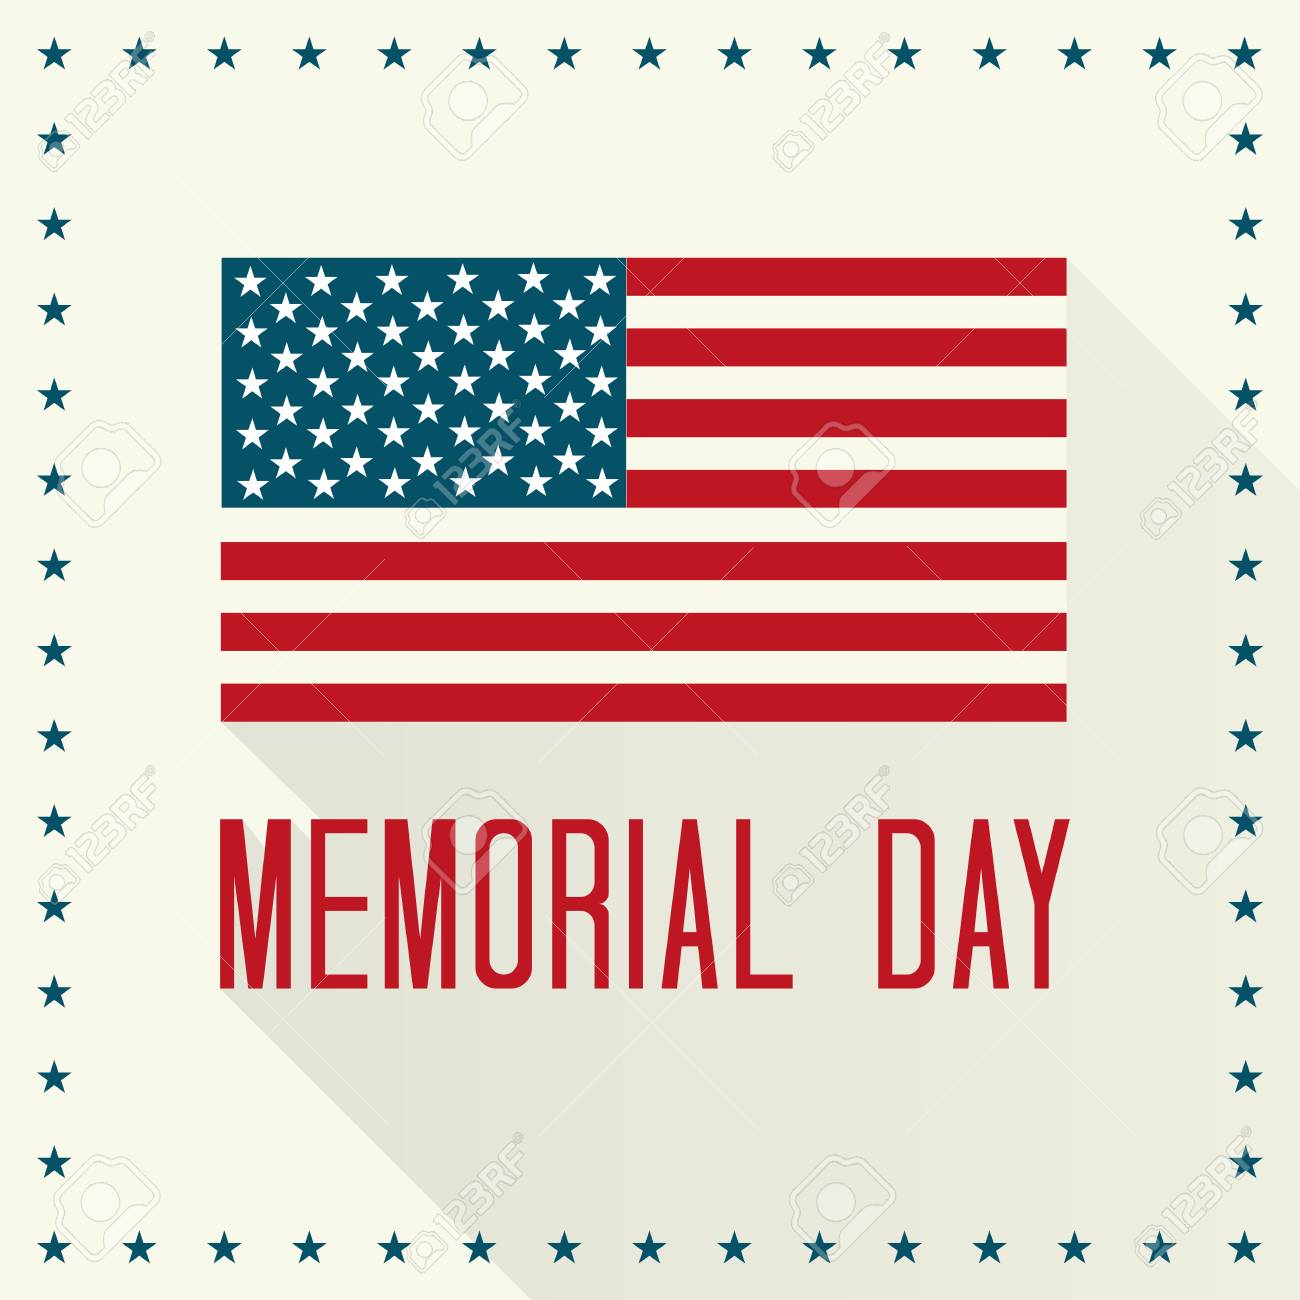 記念日イラストアメリカの国旗と長い影とテキストのイラスト素材